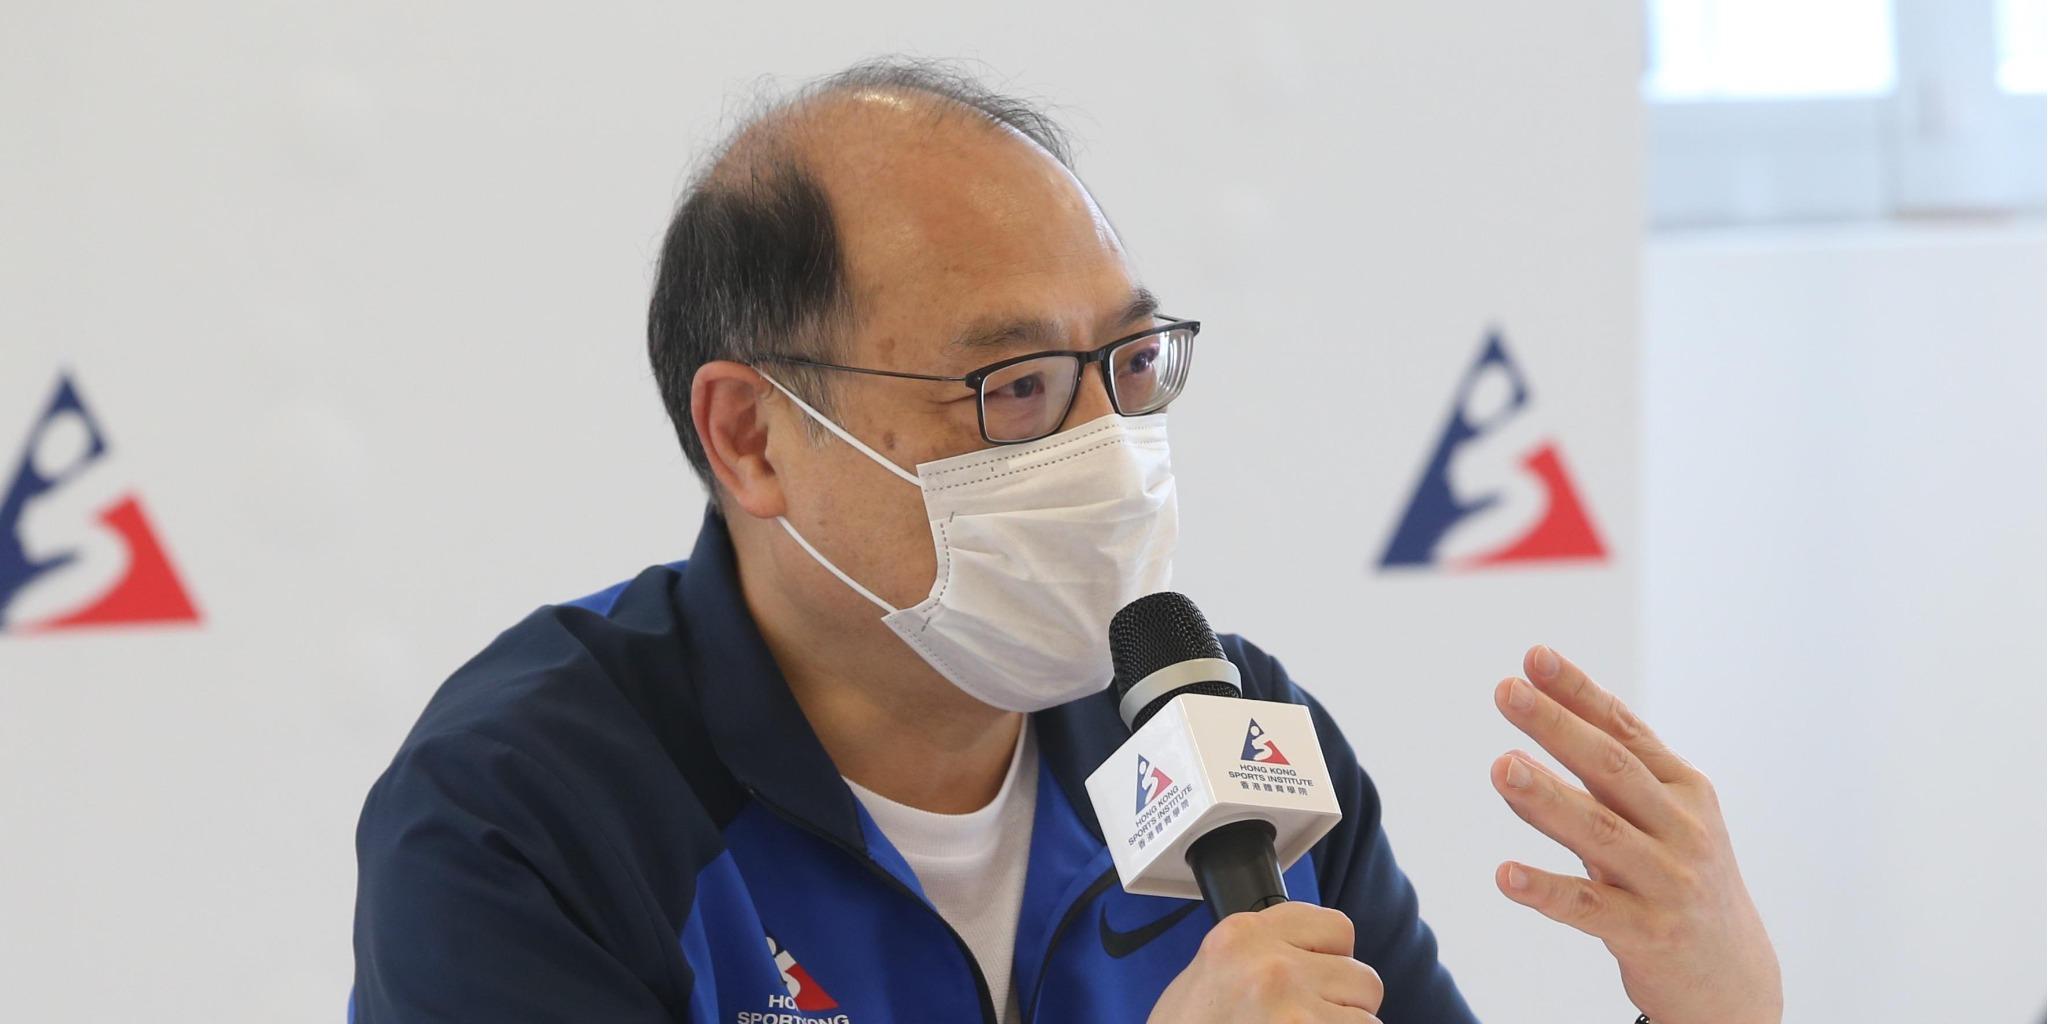 林大輝:逾500運動員及教練已打疫苗 積極備戰奧運